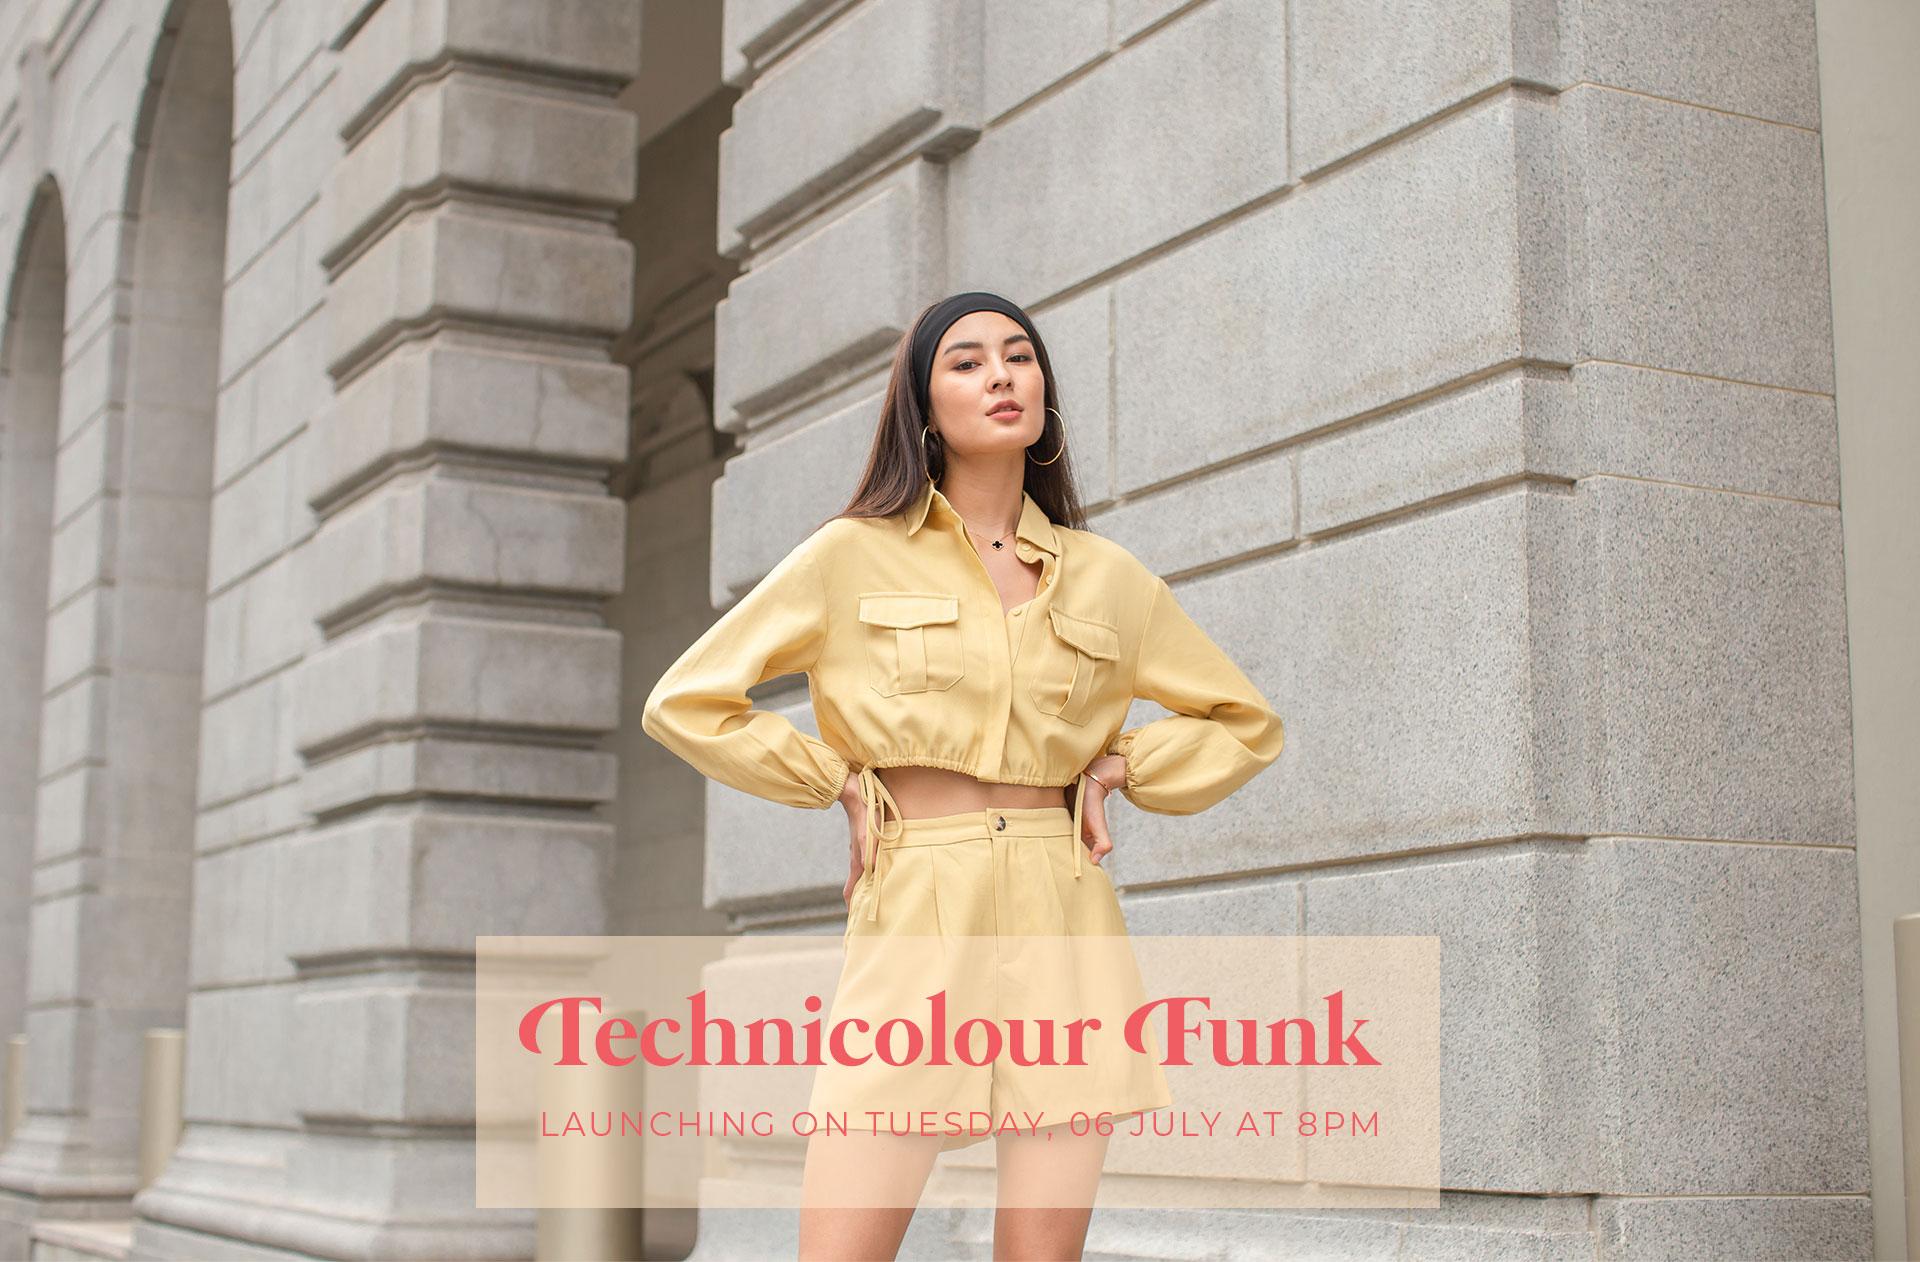 Technicolour Funk